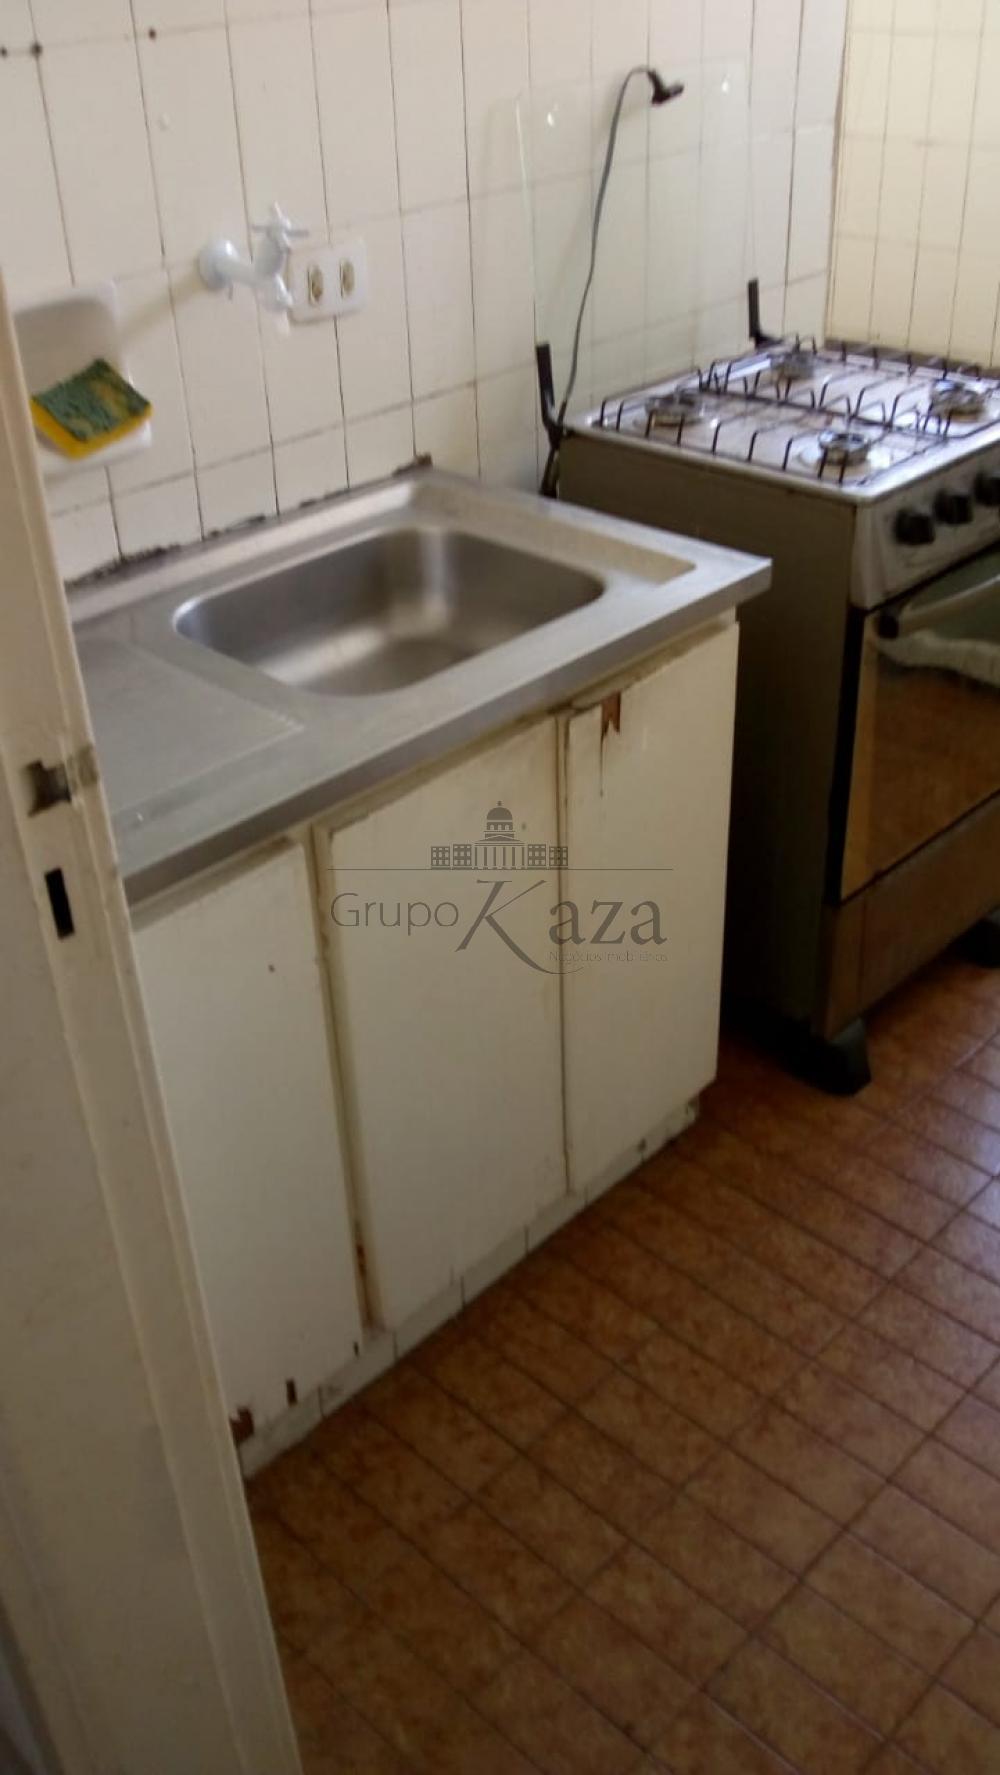 Alugar Apartamento / Padrão em São José dos Campos R$ 850,00 - Foto 10